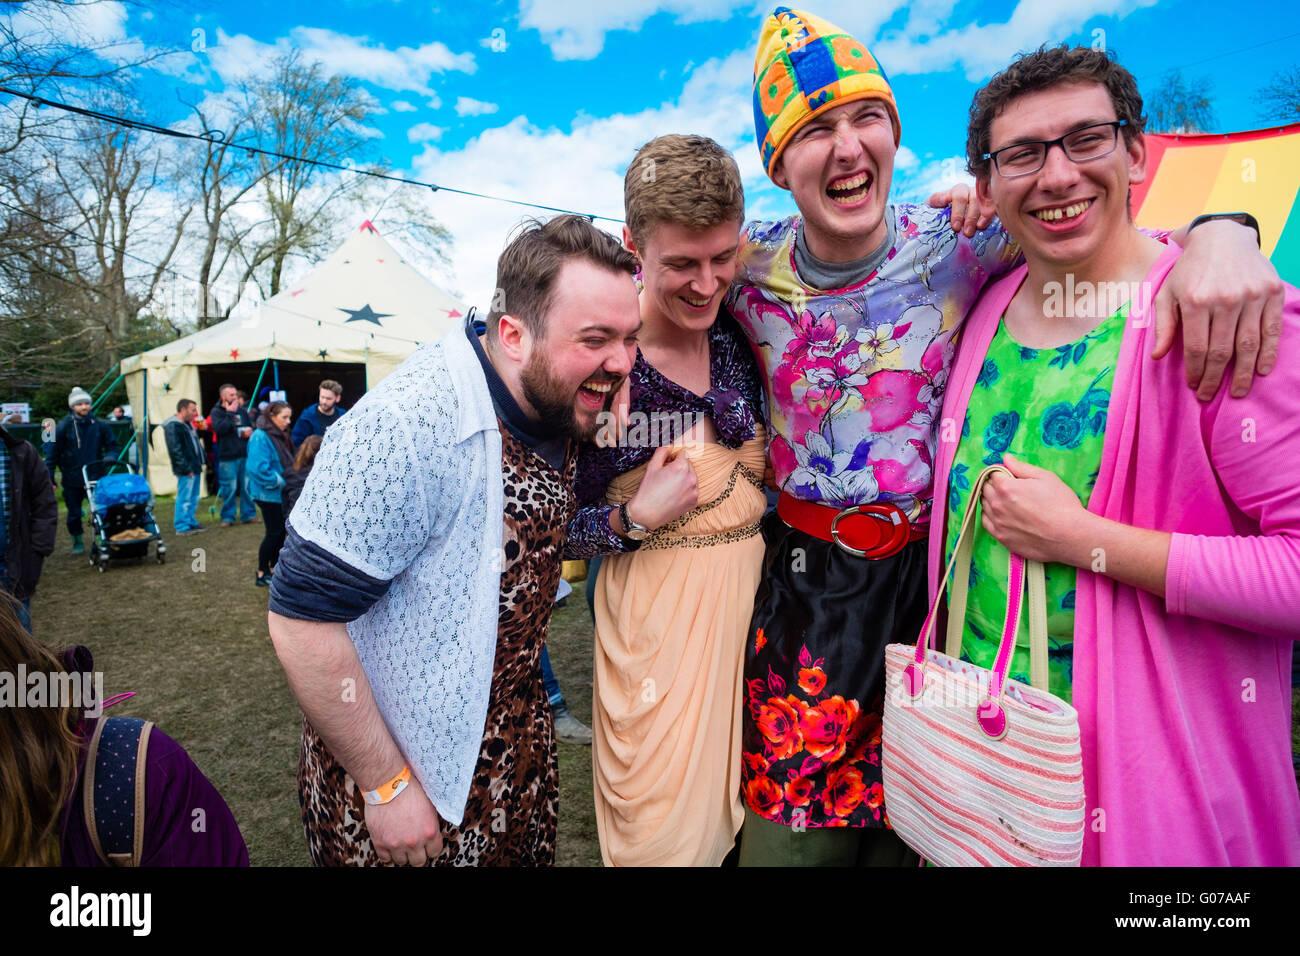 Die tragen männer frauenkleider Frauenwäsche tragen